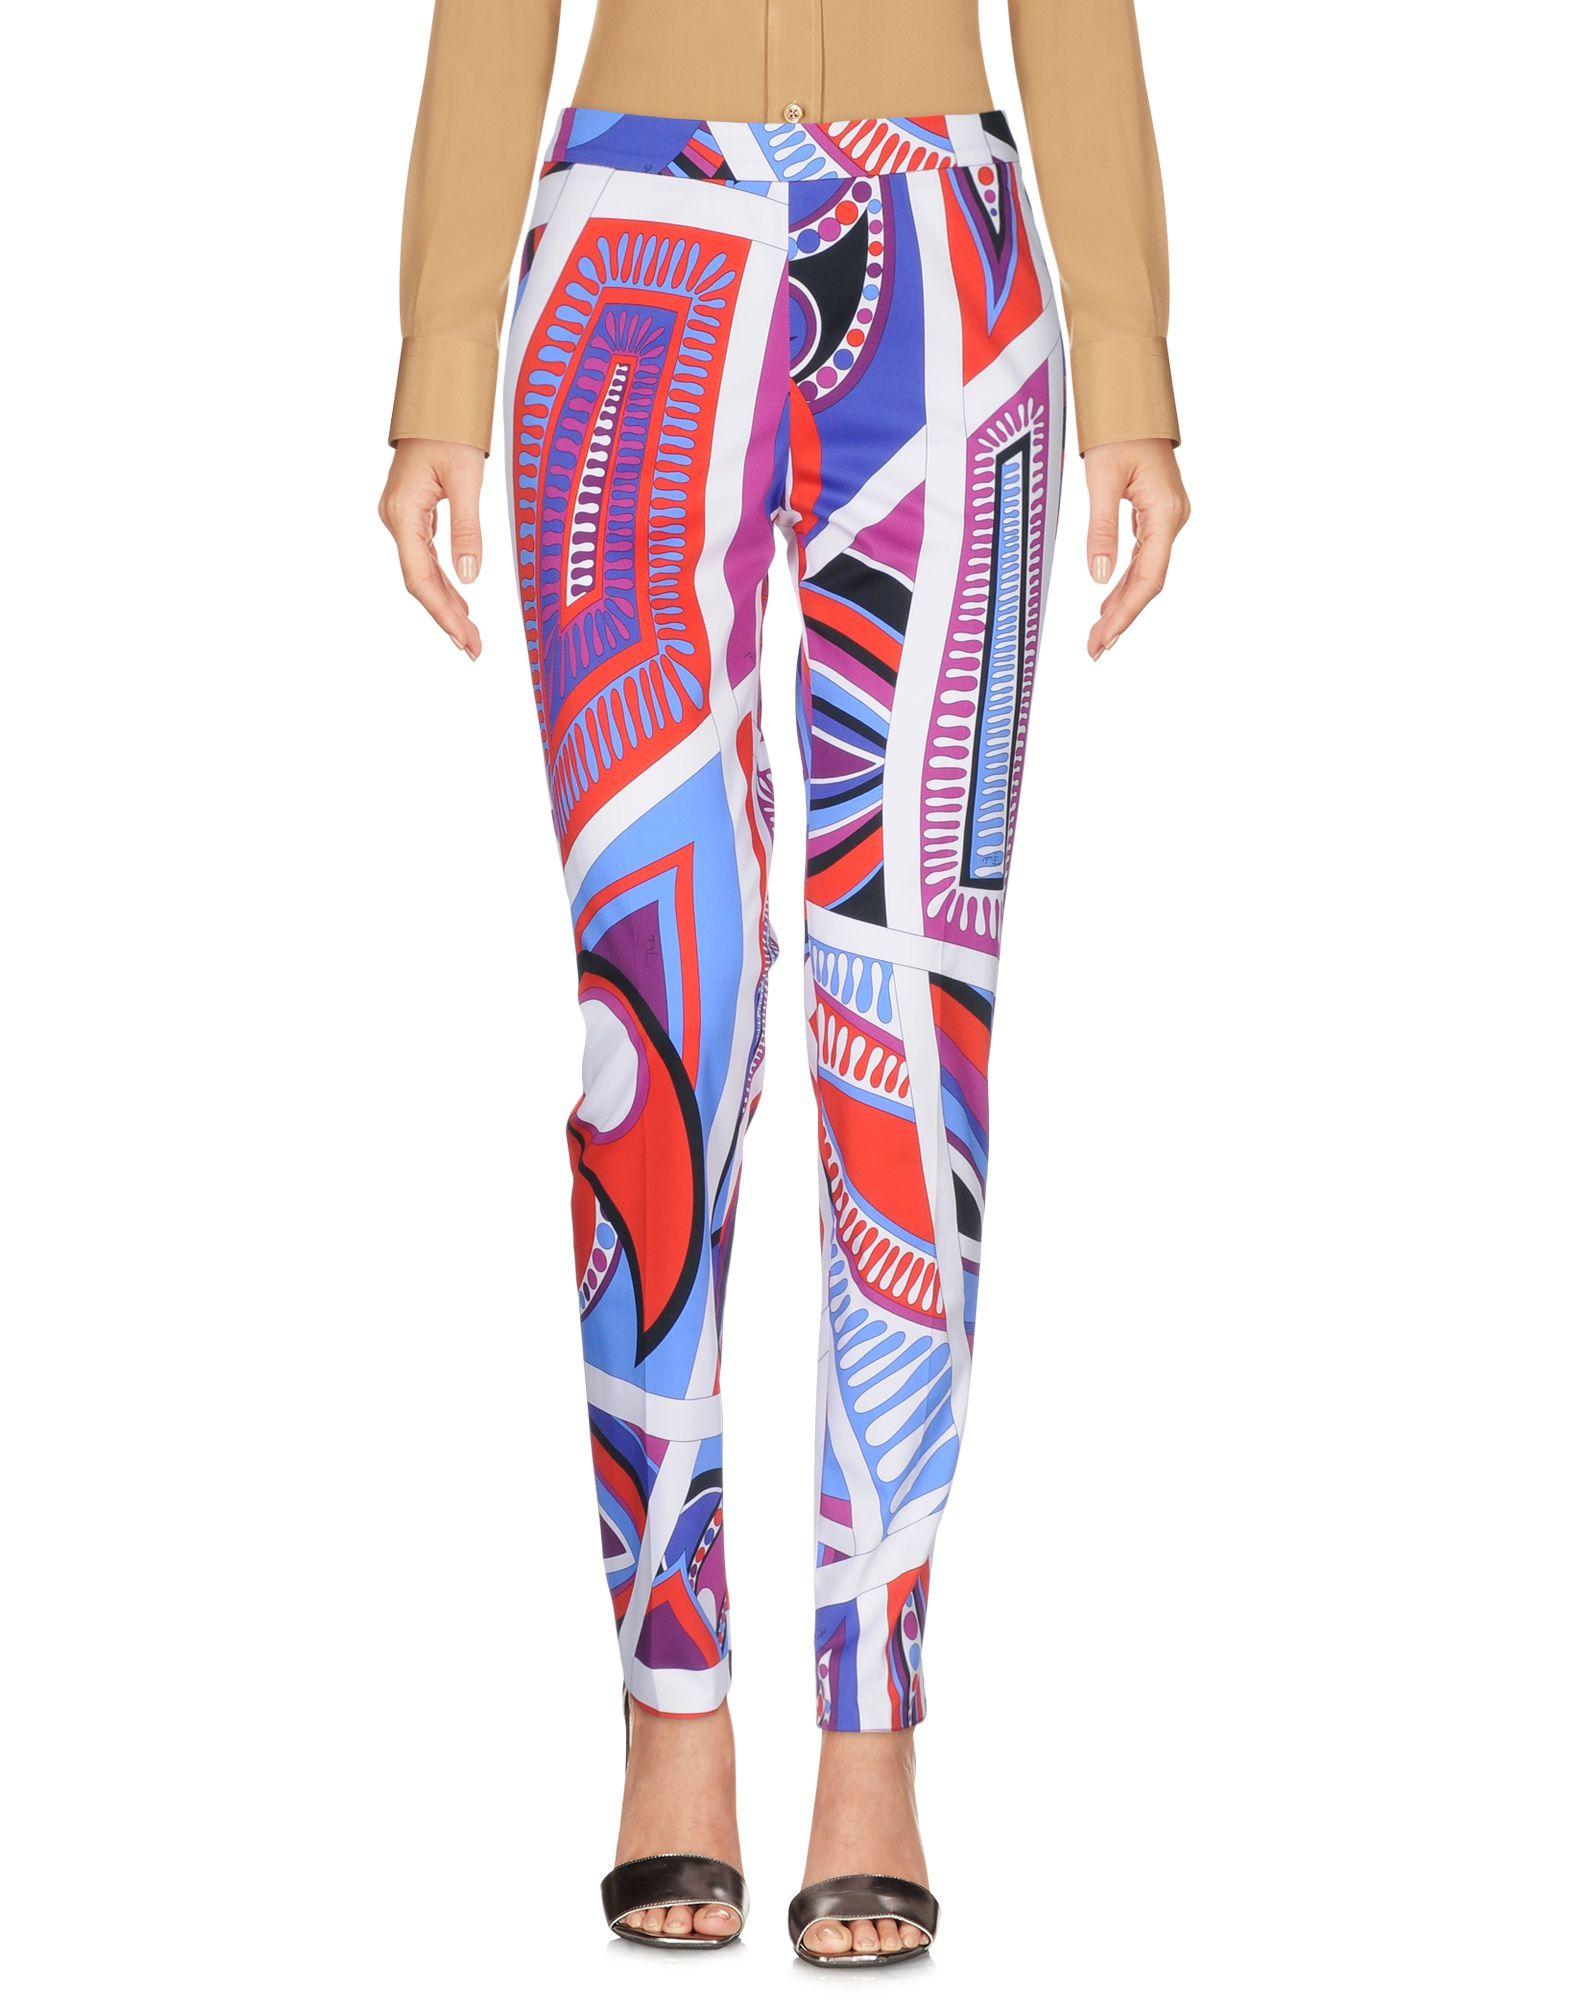 Pantalone Emilio Pucci Donna - Acquista online su rgpo73hY